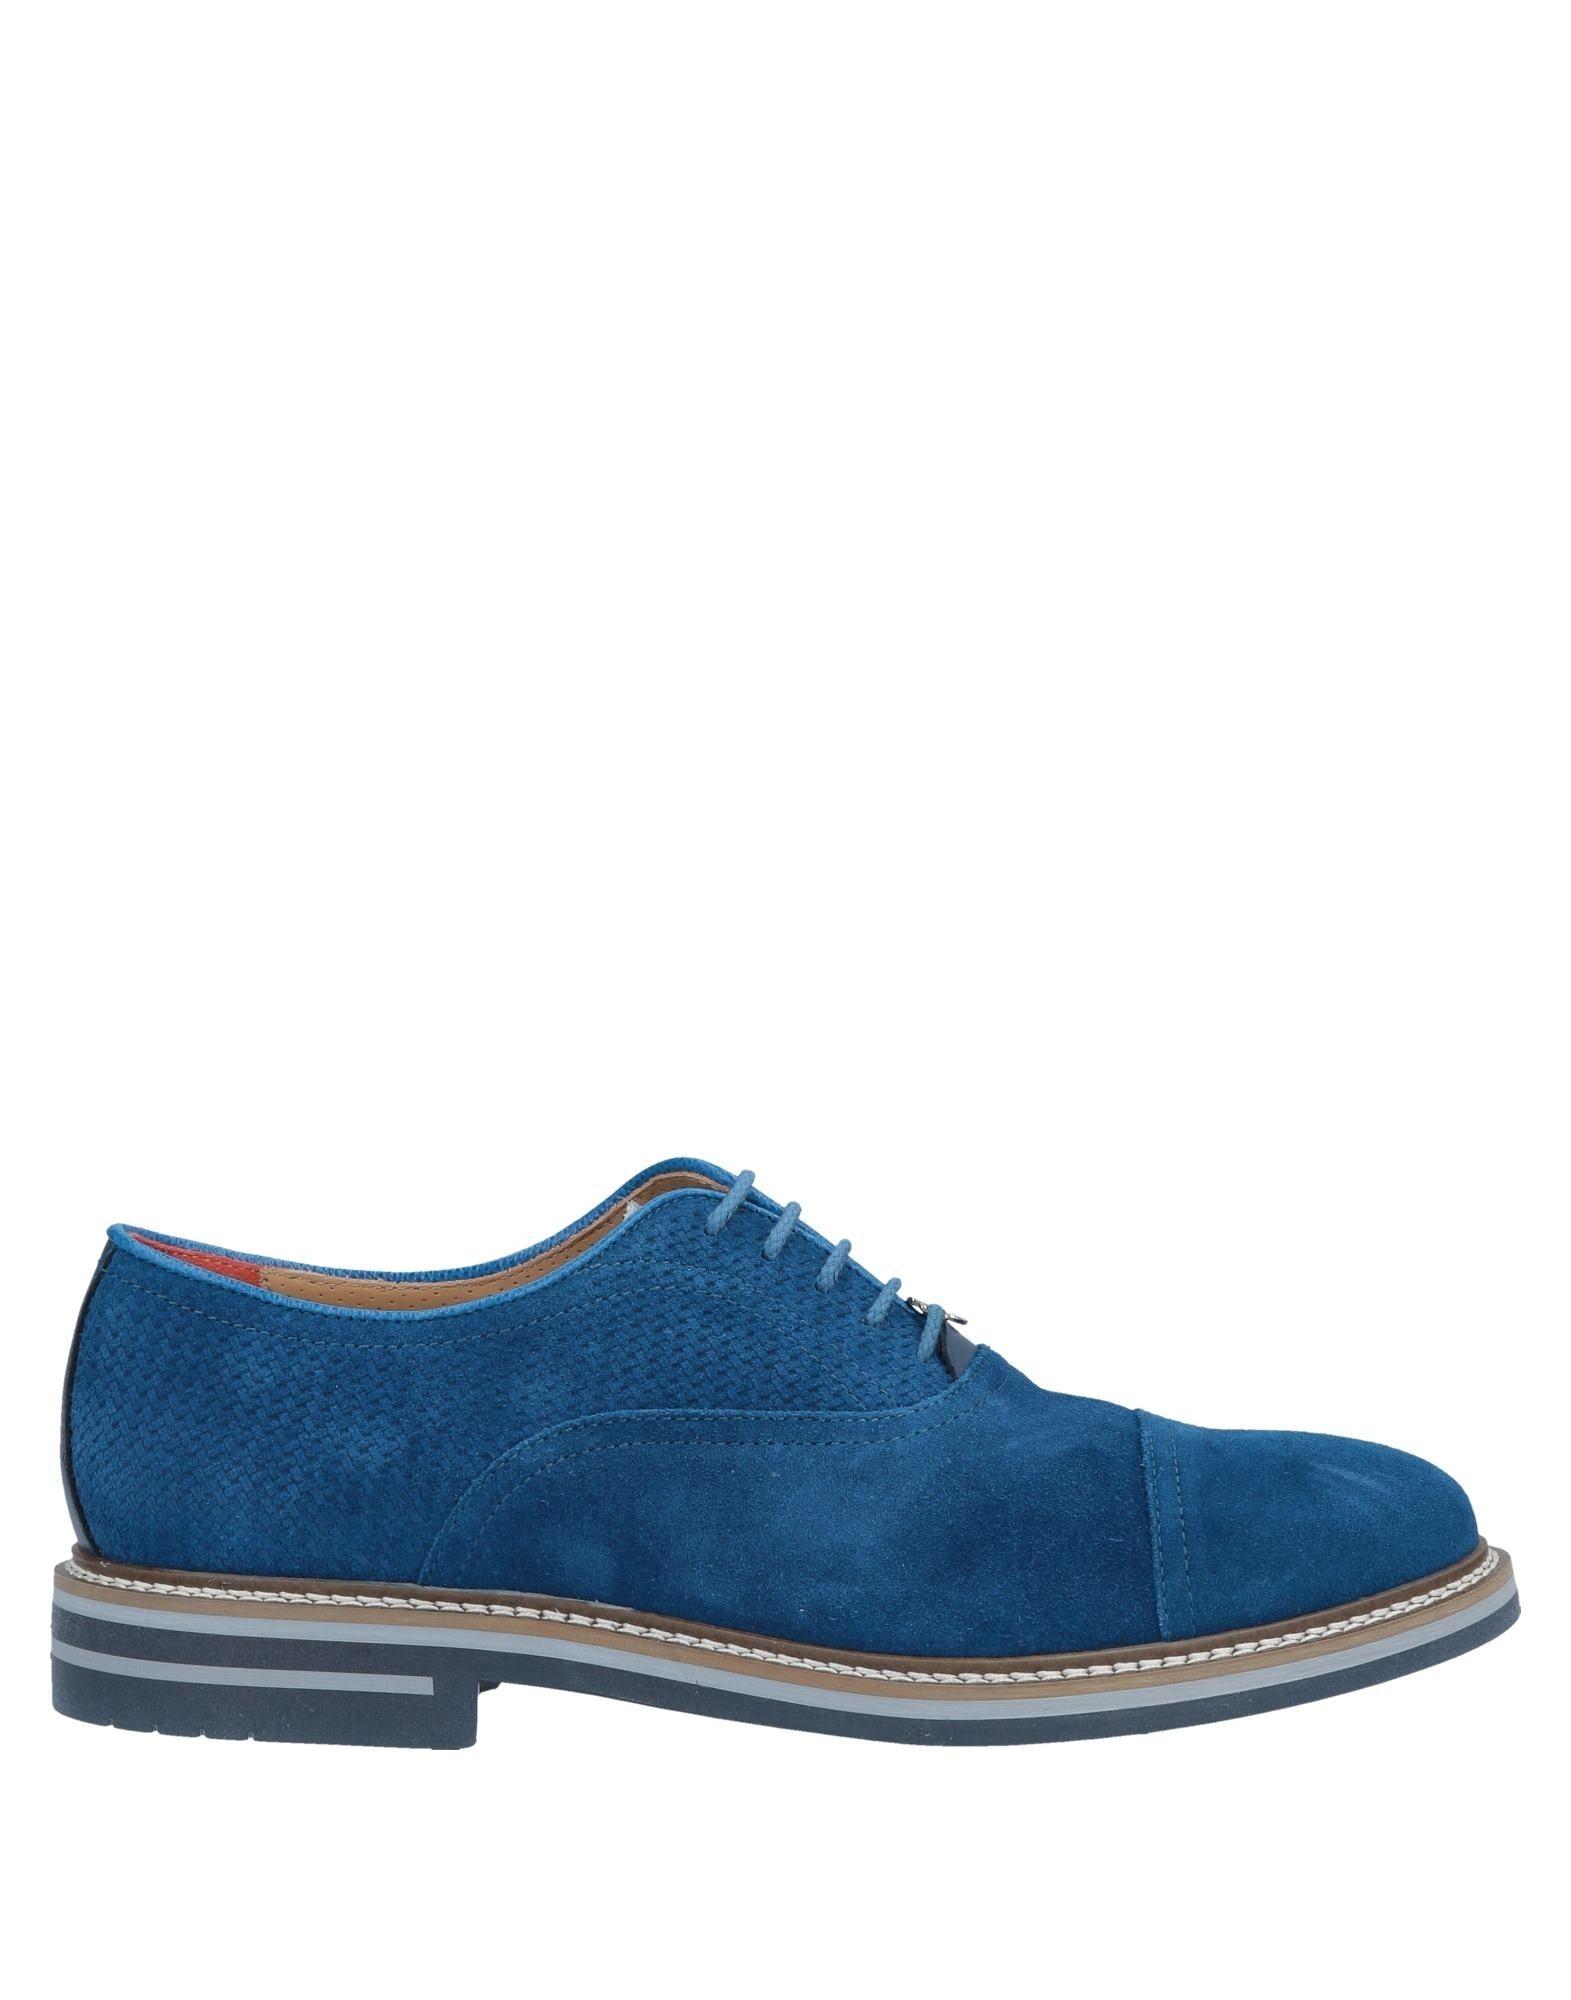 BRIMARTS Обувь на шнурках первый внутри обувь обувь обувь обувь обувь обувь обувь обувь обувь 8a2549 мужская армия green 40 метров